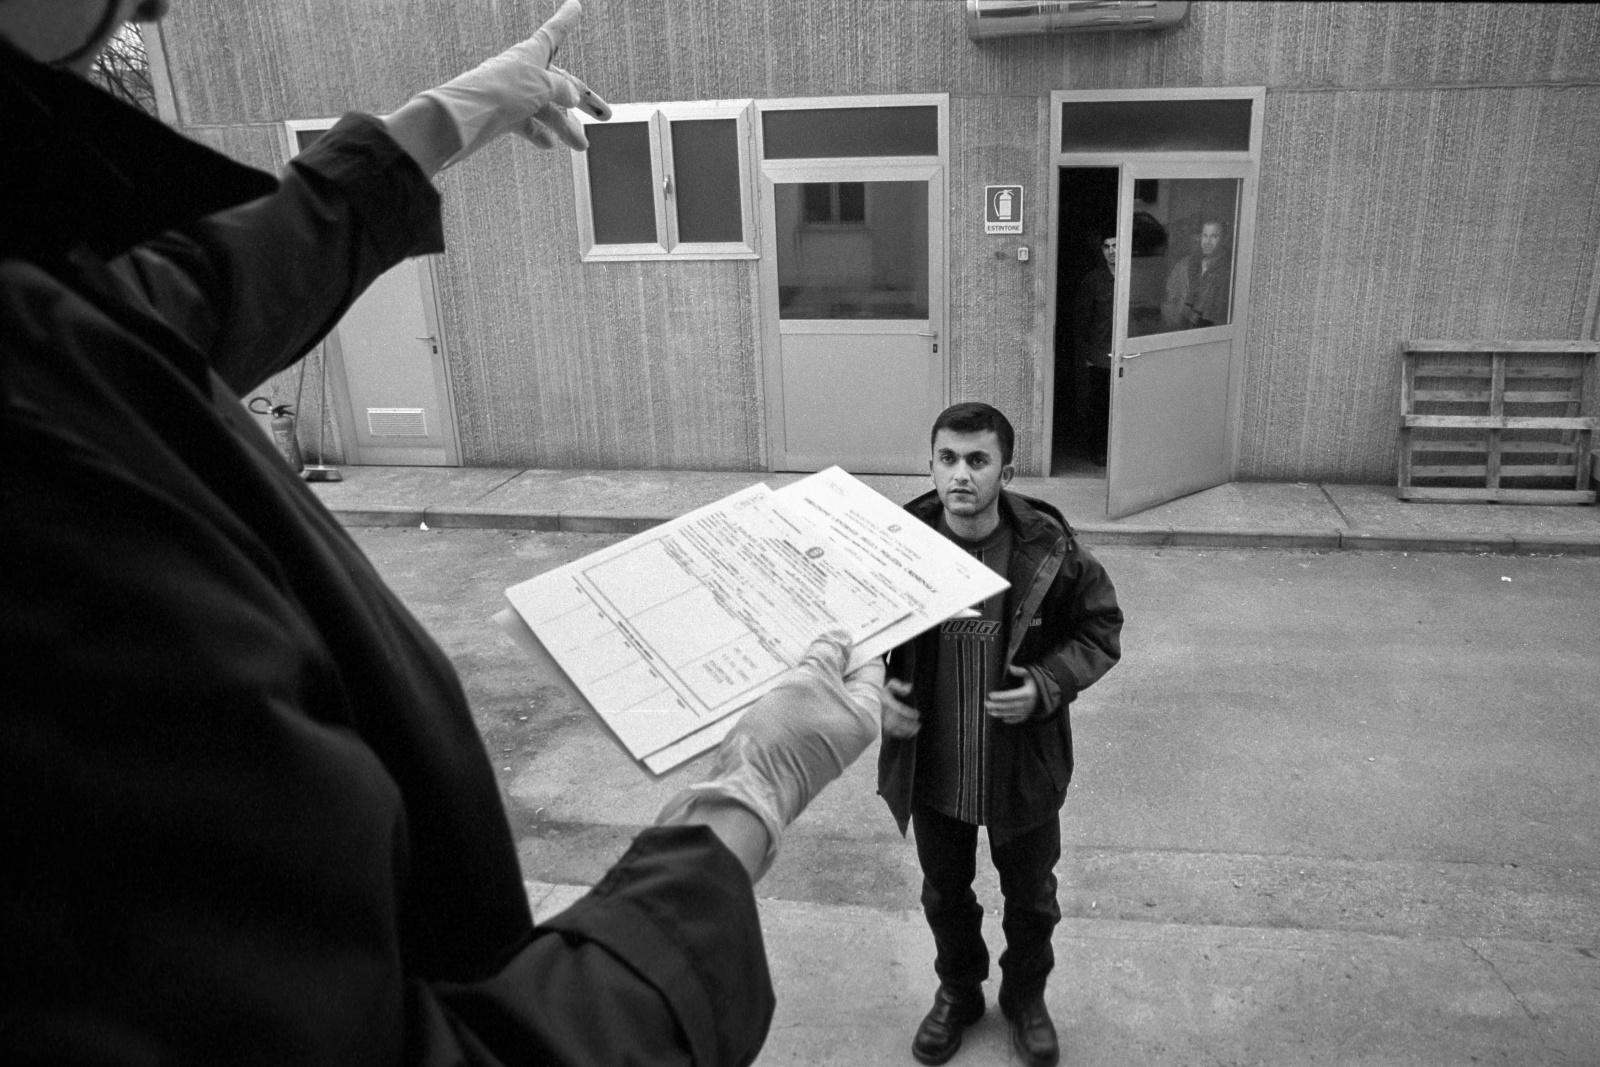 Gorizia, clandestini in fuga dalle guerre nei Balcani entrati illegalmente attraverso i buchi della rete, fermati dalle autorità italiane, schedati con impronte e foto segnaletiche